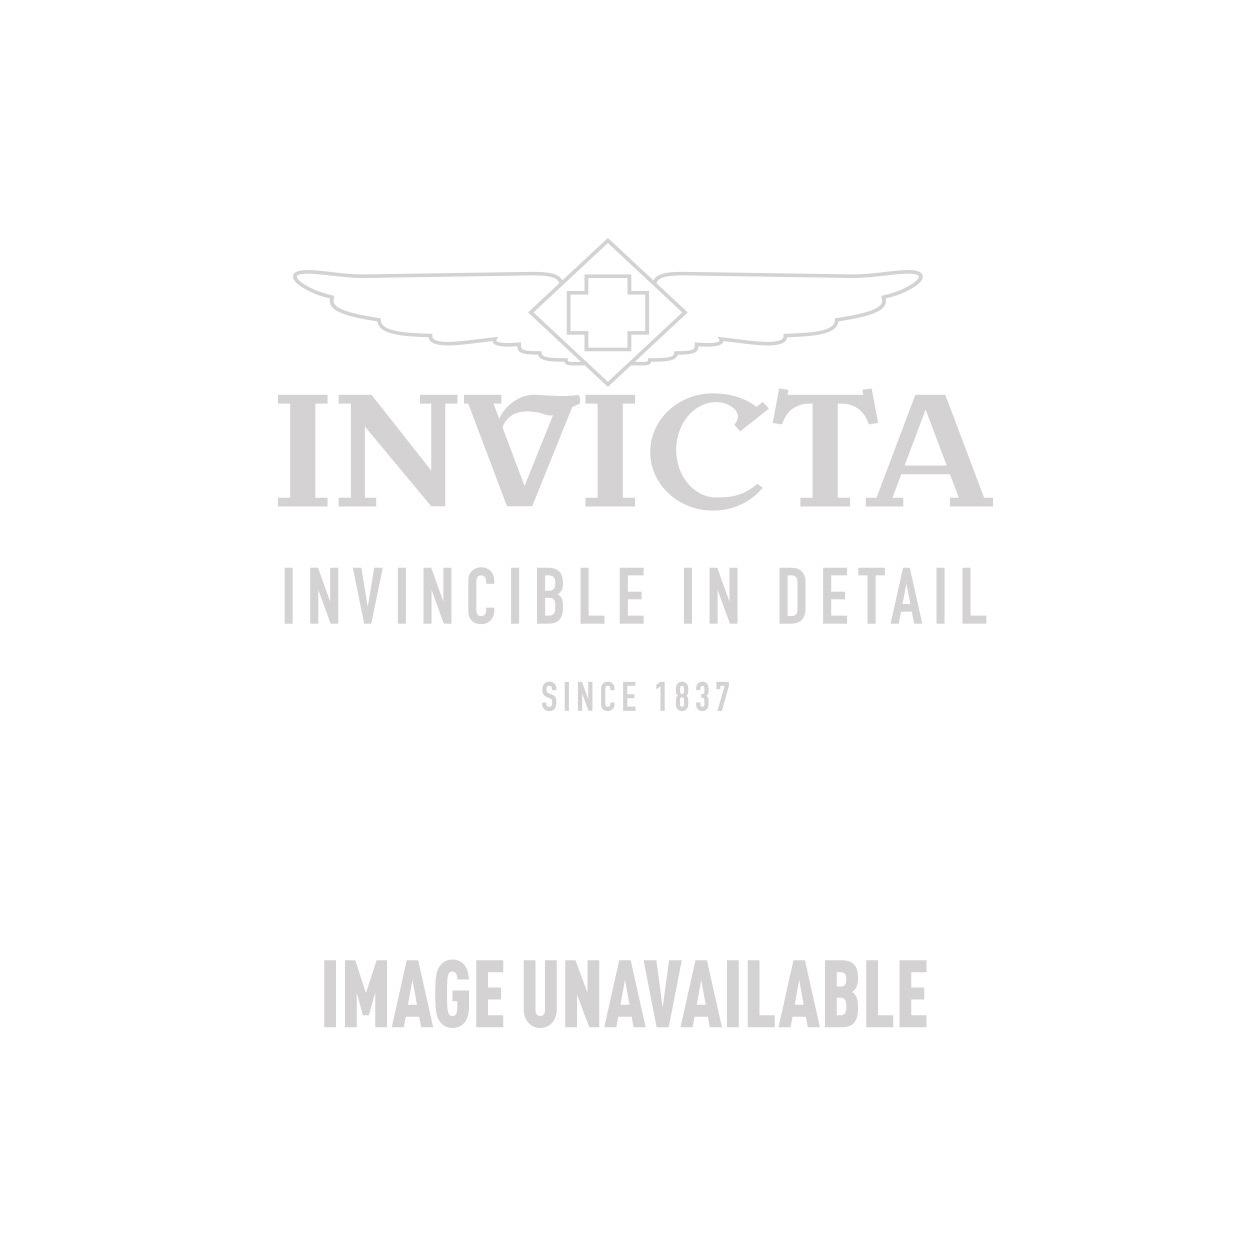 Invicta Subaqua  NOMA IV Mens Quartz 50mm Black Case  Stainless Steel Dial Model  - 10140